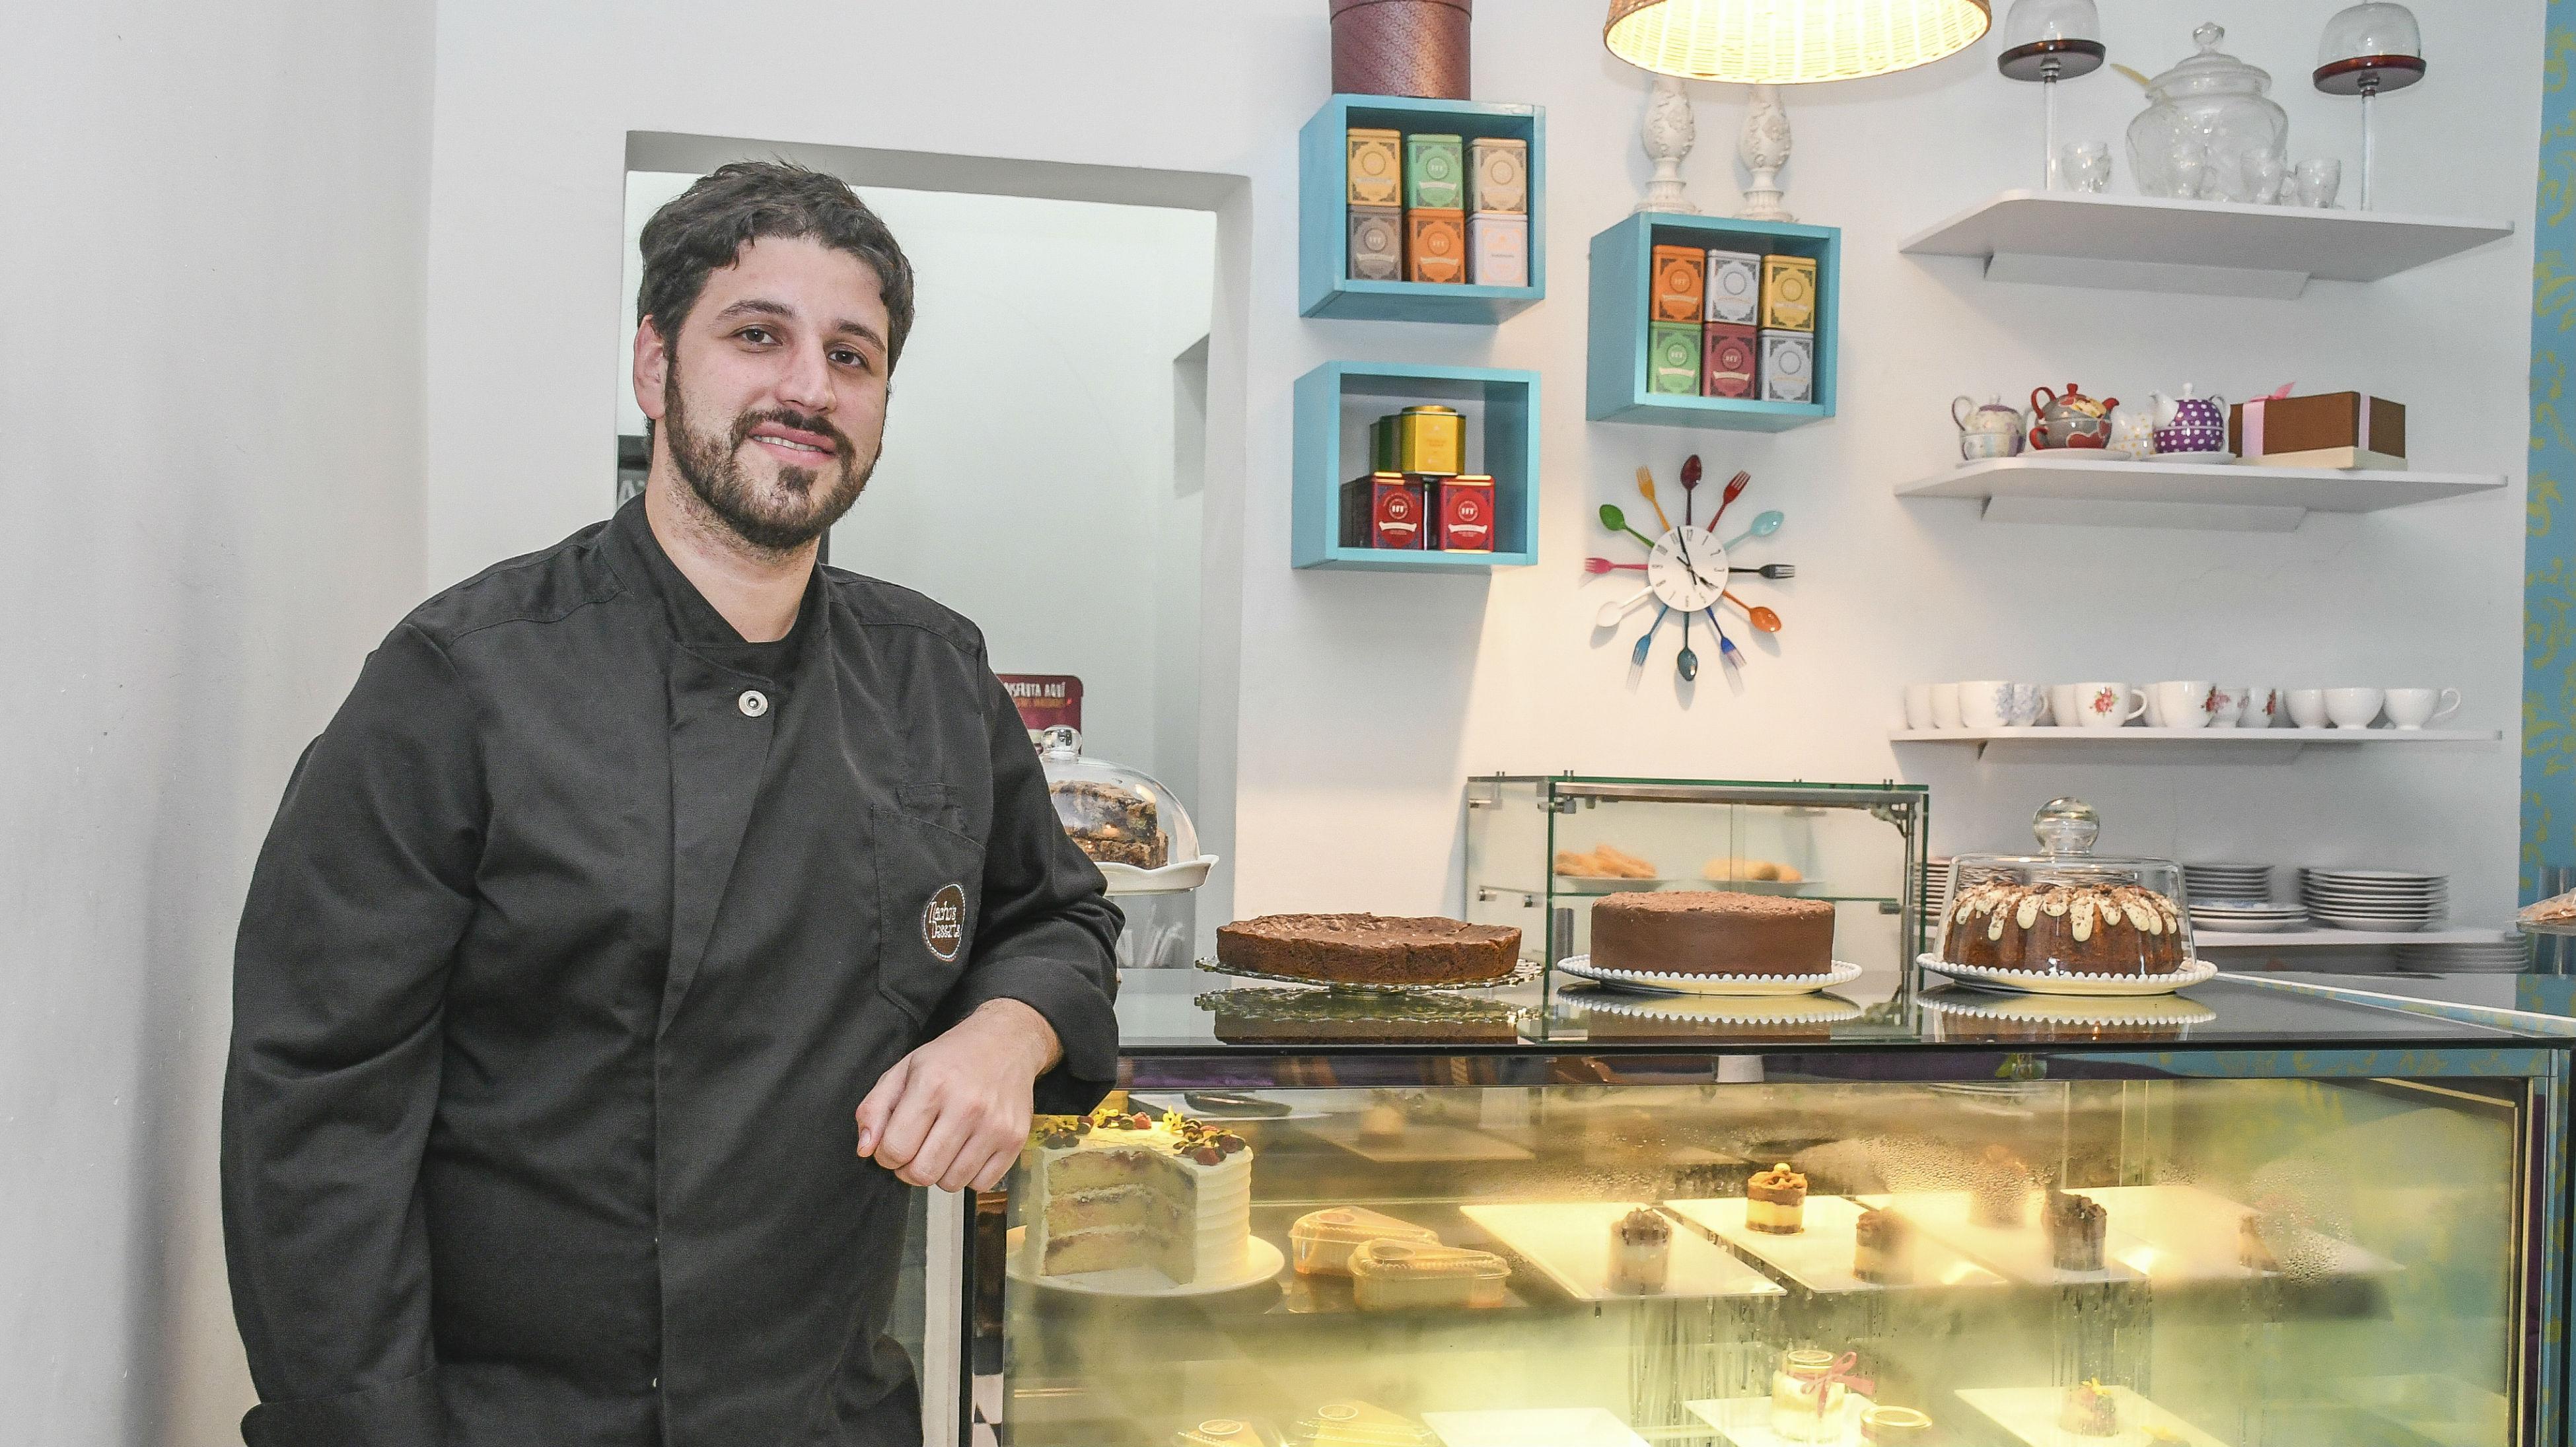 Nacho Fadul, hijo de María Emilia Fadul, y creador de Nacho's Dessert´s.